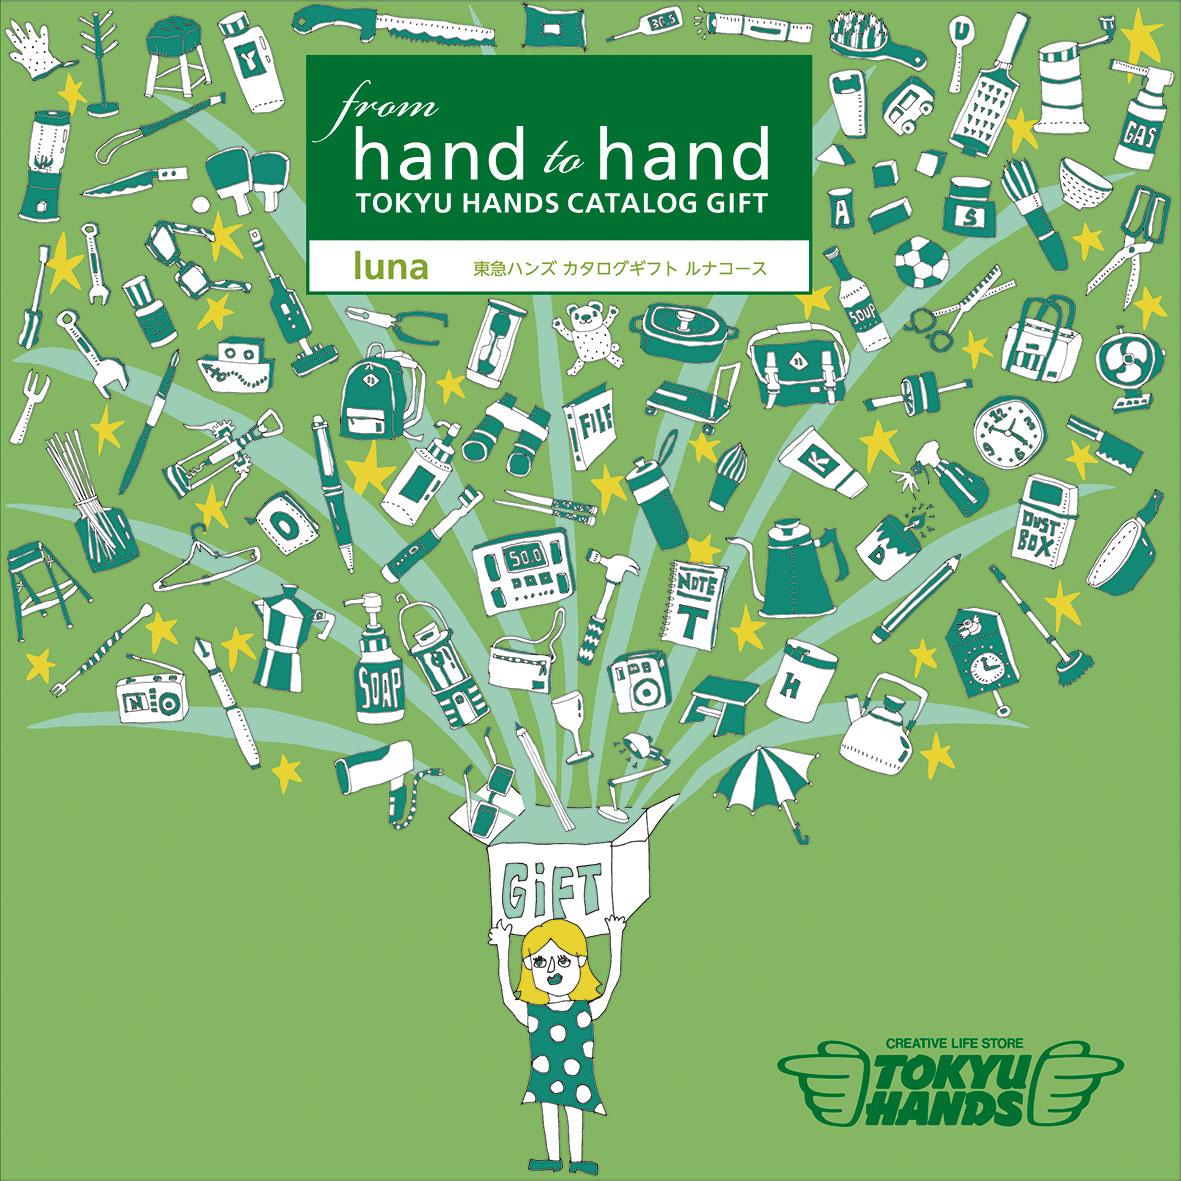 東急ハンズ from hand to hand